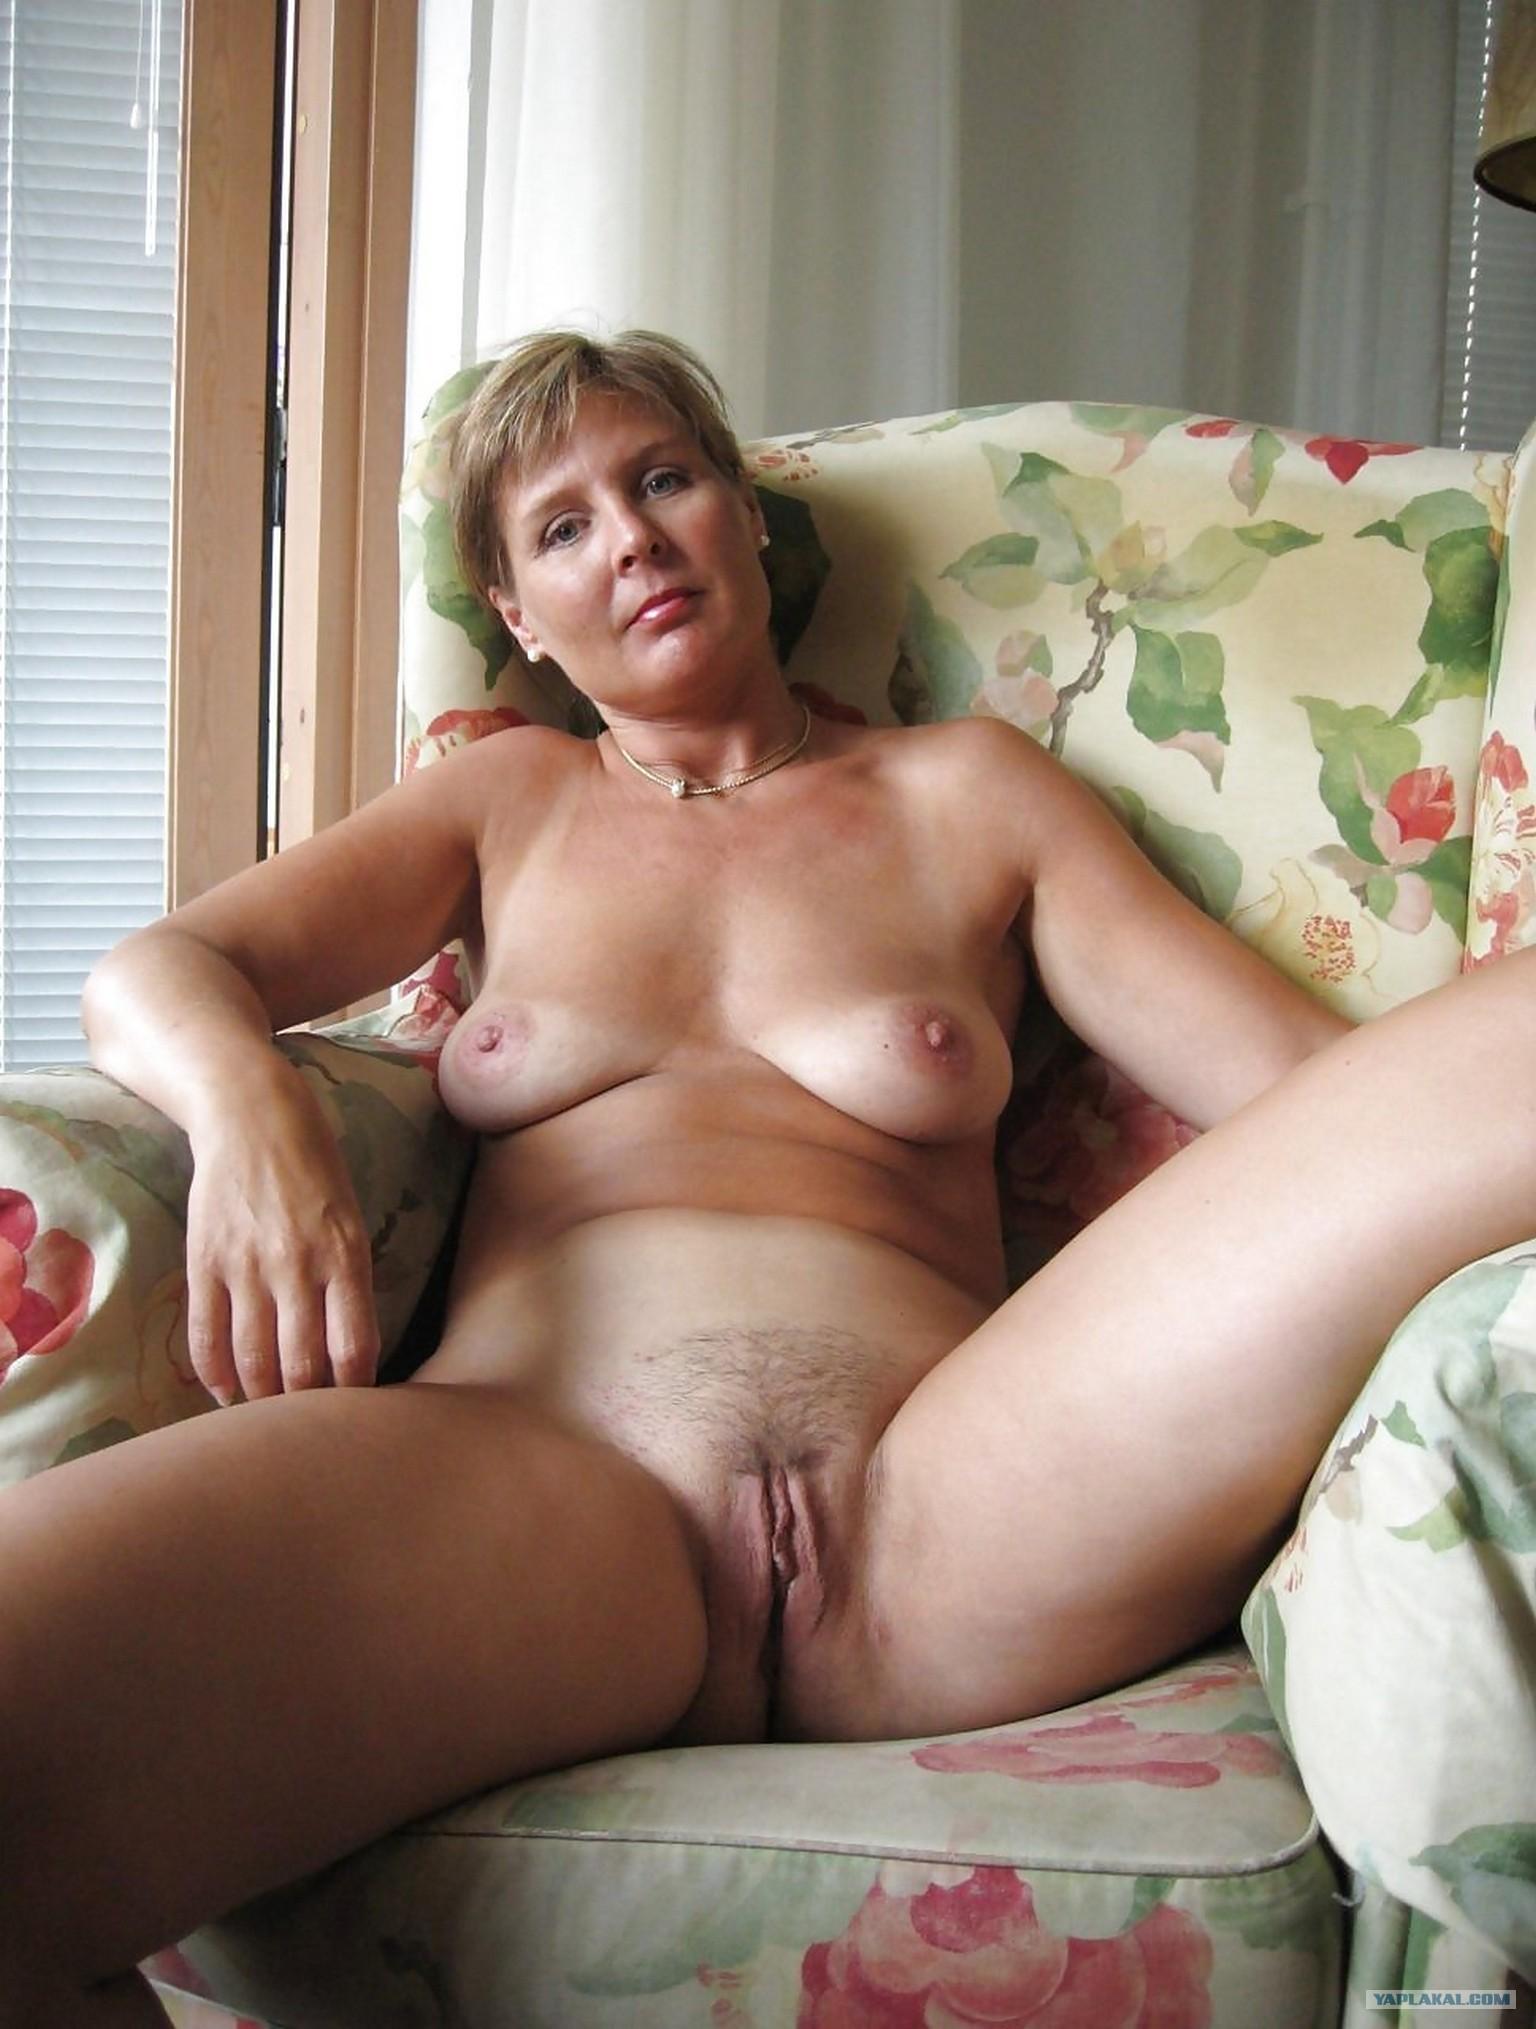 Частное фото писек взрослых женщин 27 фотография